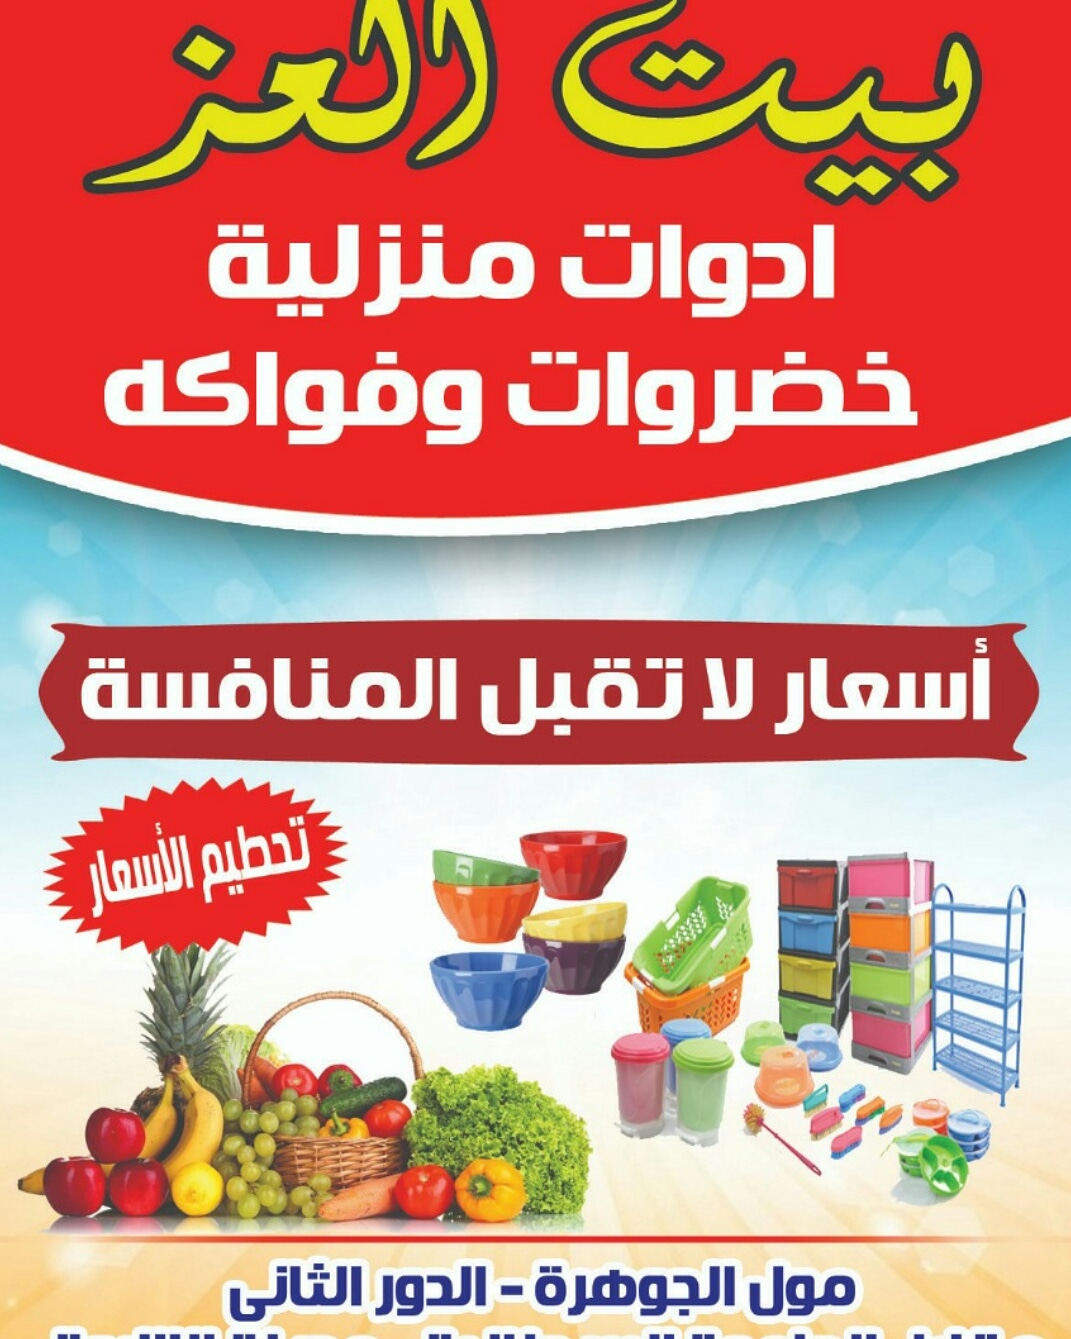 بيت العز للخضراوات والفواكه والأدوات المنزلية